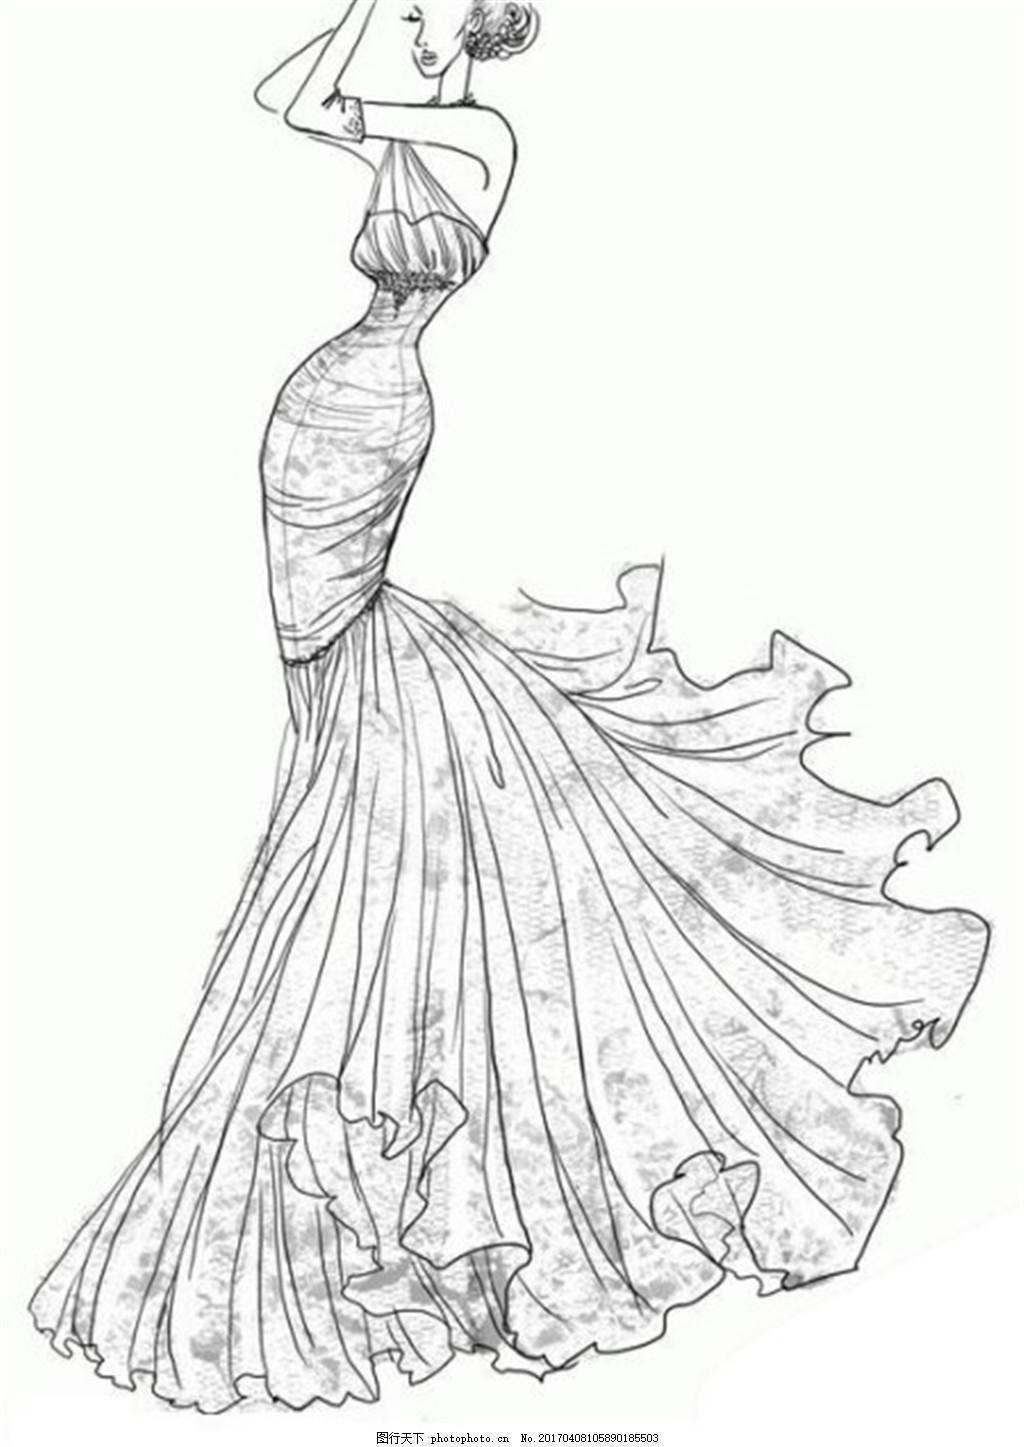 露背长裙礼服设计线稿图 服装设计 时尚女装 职业女装 职业装 女装